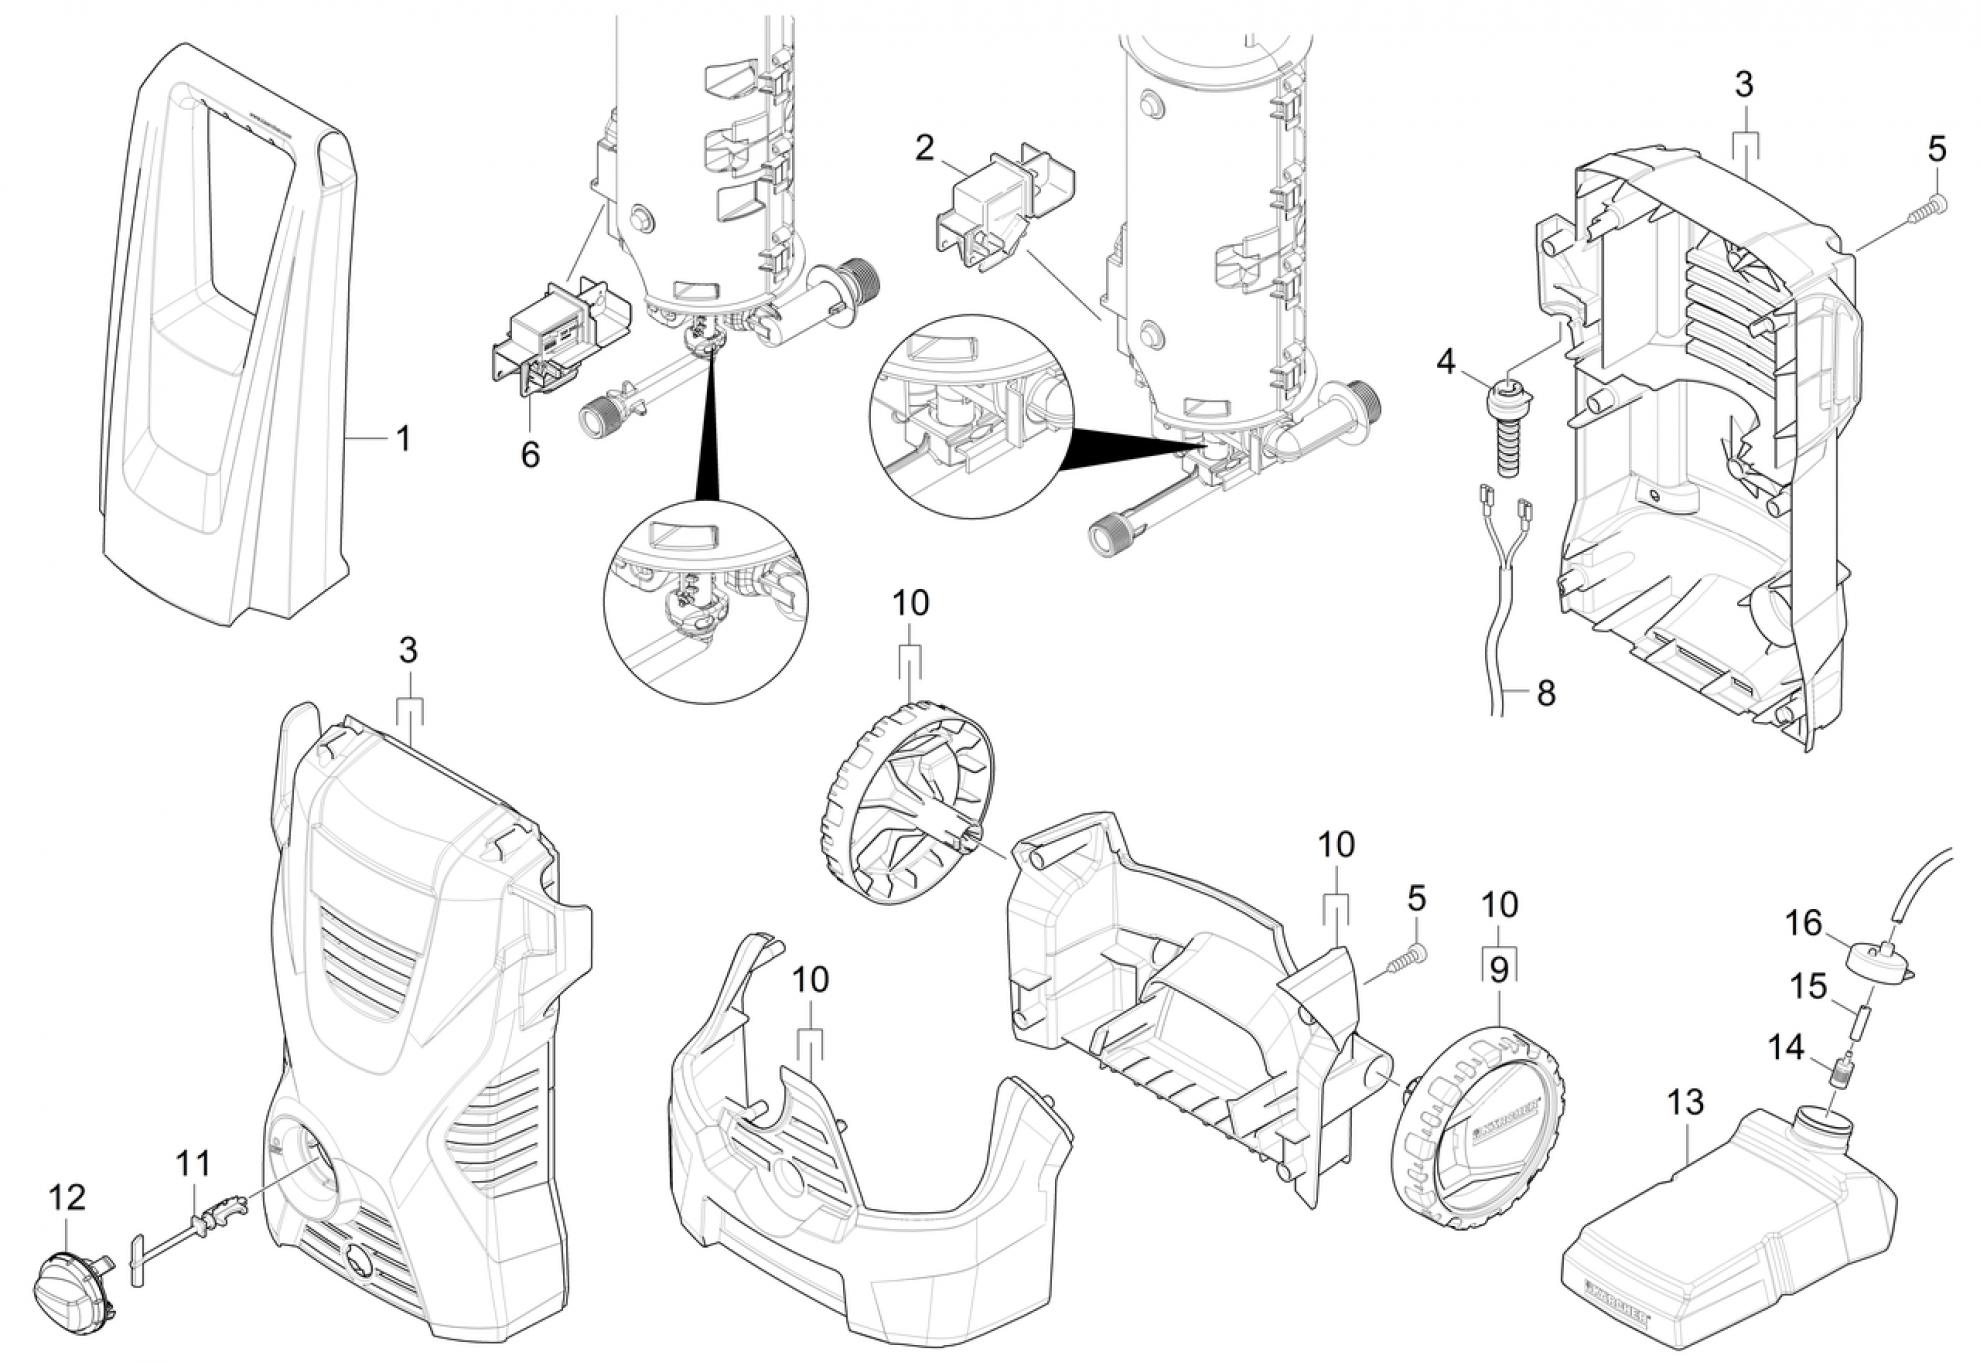 Pi ces d tach es nettoyeur haute pression karcher k 2 - Pieces detachees karcher ...